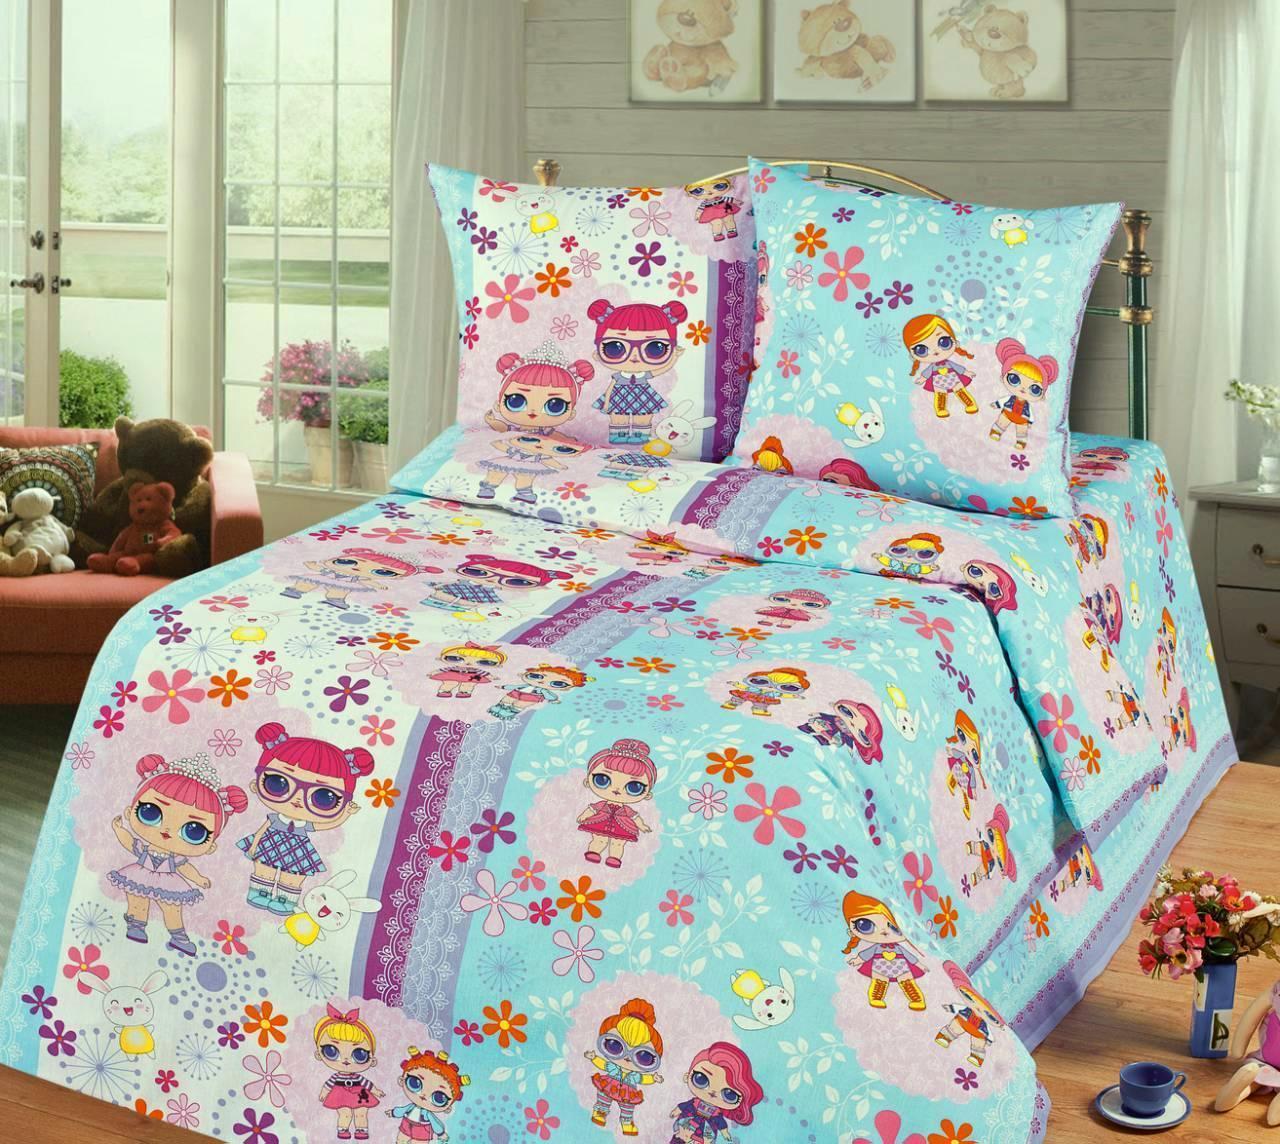 Комплект постельного белья (бязь) Лола (куклы ЛОЛ)  подростковый